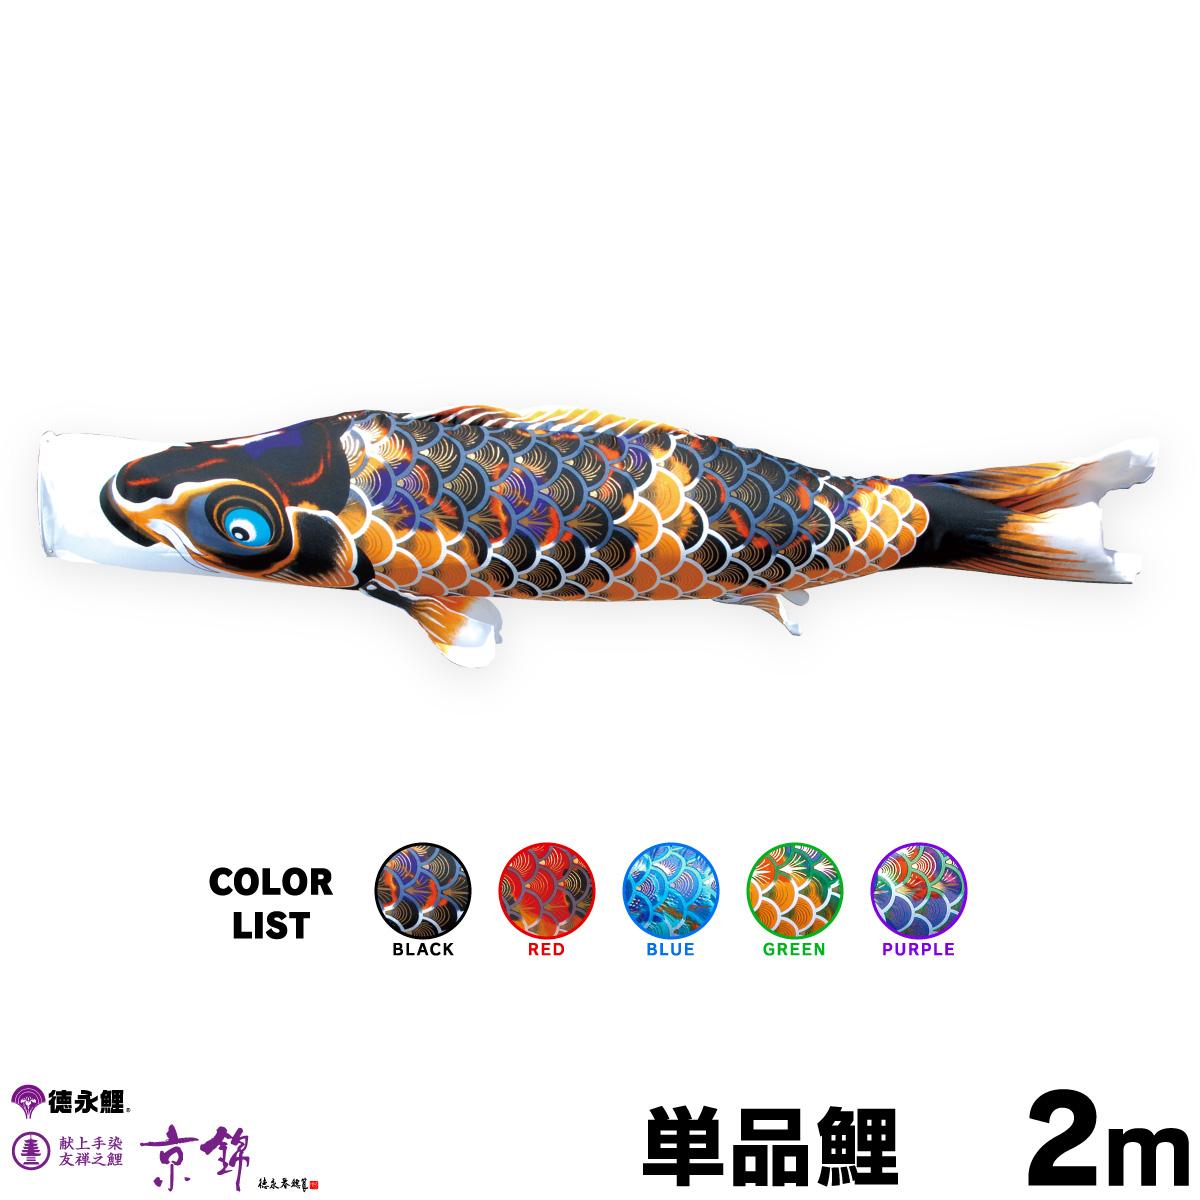 【こいのぼり 単品】 京錦 2m 単品鯉 黒 赤 青 緑 紫